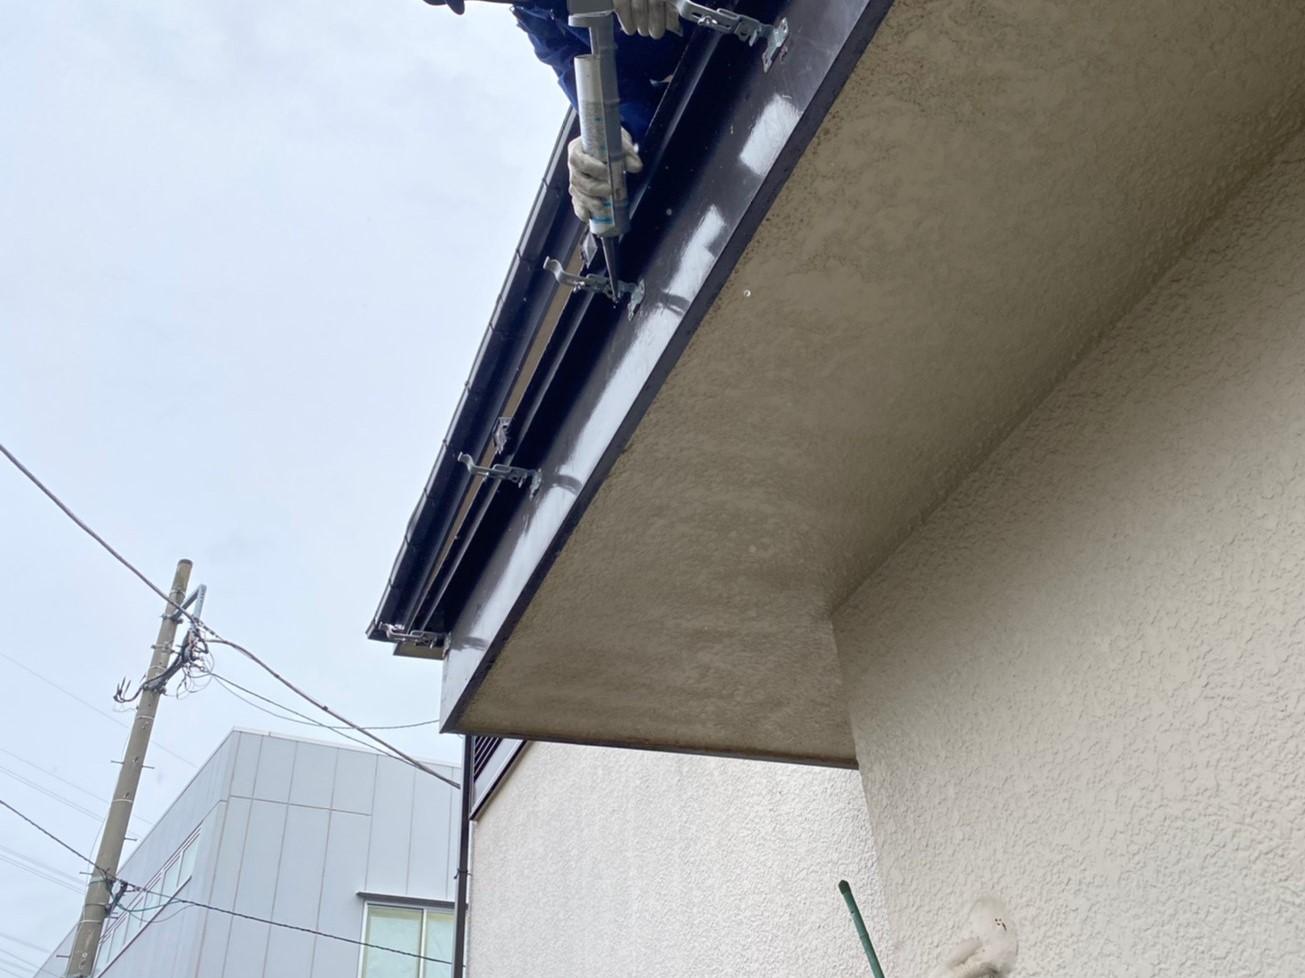 【施工完了報告】火災保険は火事以外でも使用できます!相模原市緑区のご自宅の雨どい修理が完了しました!